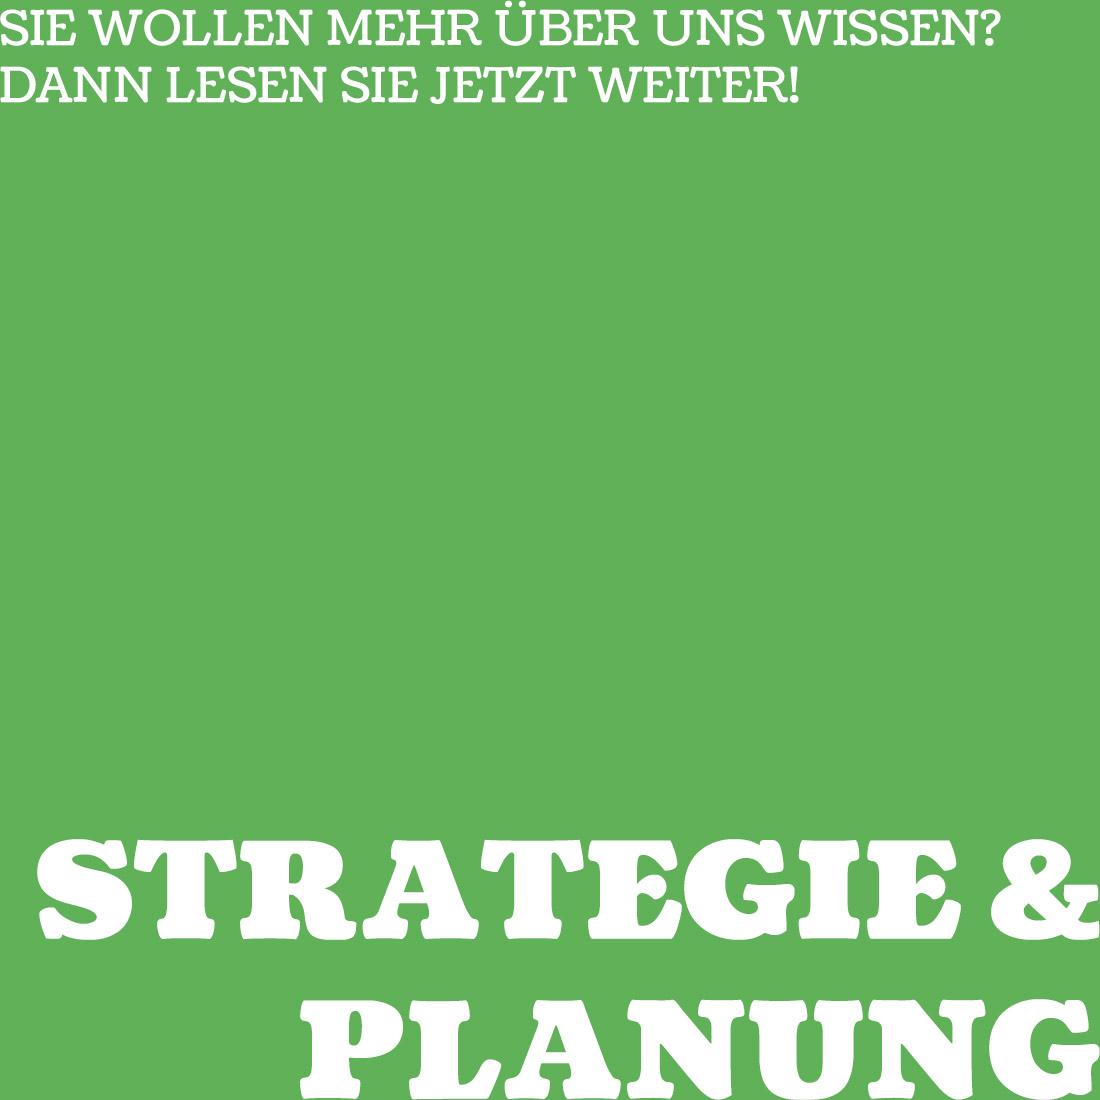 Strategie & Planung von Haushaltsauflösungen und Entrümpelungen mit Rumpellotte